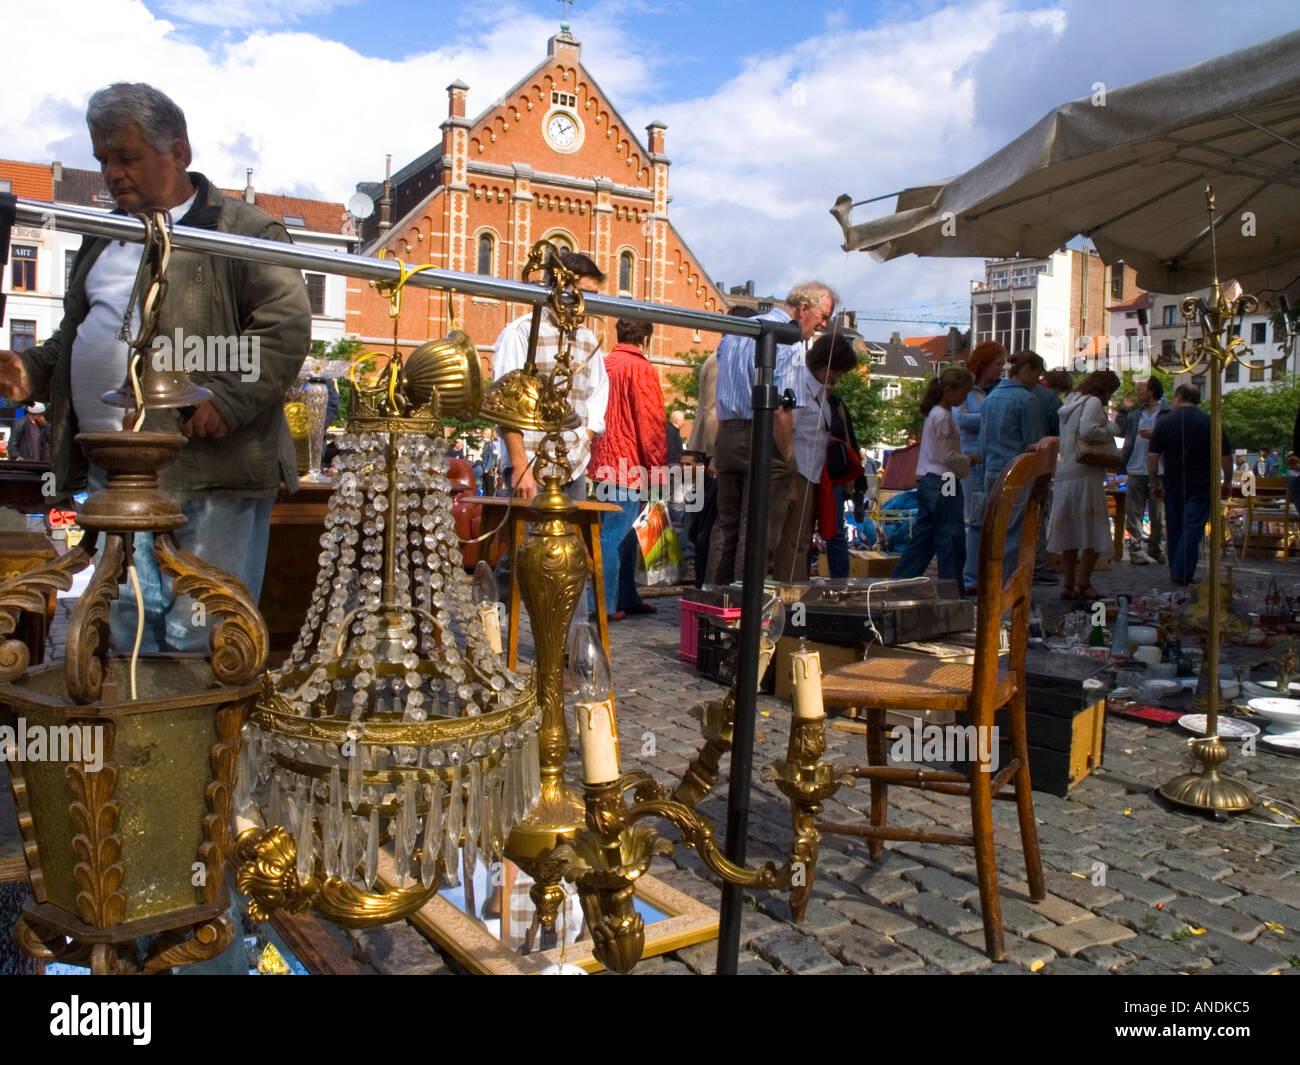 Wochenende Brüssel belgien flohmarkt brüssel marollen wochenende markt verkauften